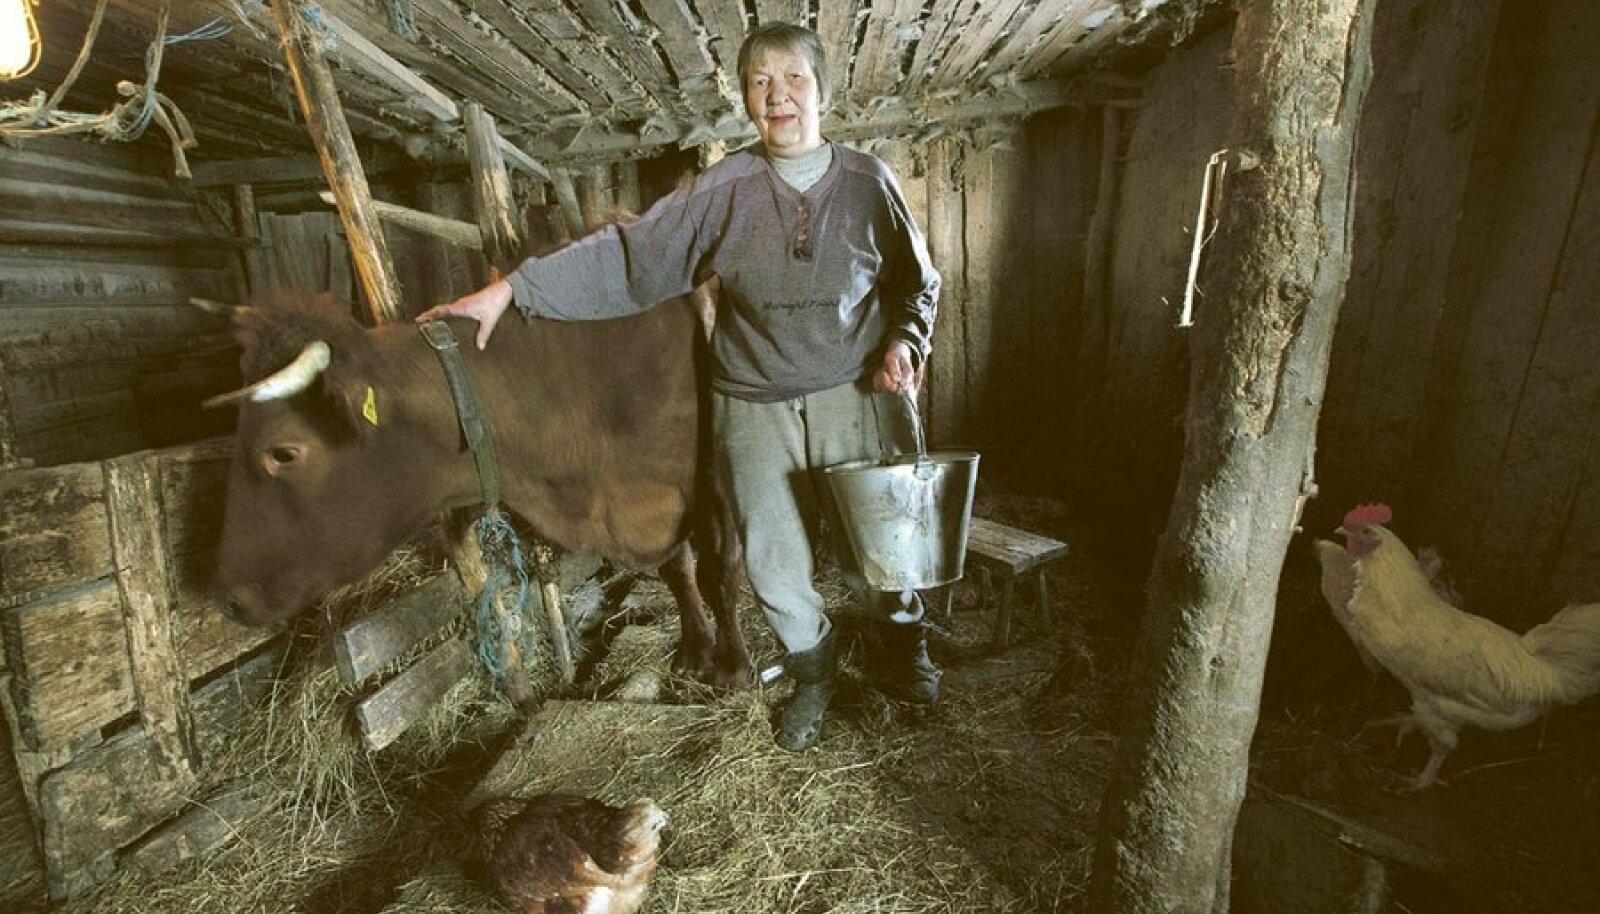 Suure-Jaani lähedal viimased 17 aastat oma tarbeks lehmi pidanud Luule Lippus räägib, et kui linnainimesed tulevad maale saabudes jooksujalu  temalt piima küsima, siis maainimesed eelistavad seda poest osta – tervis ei kannata enam rasvast maapiima.